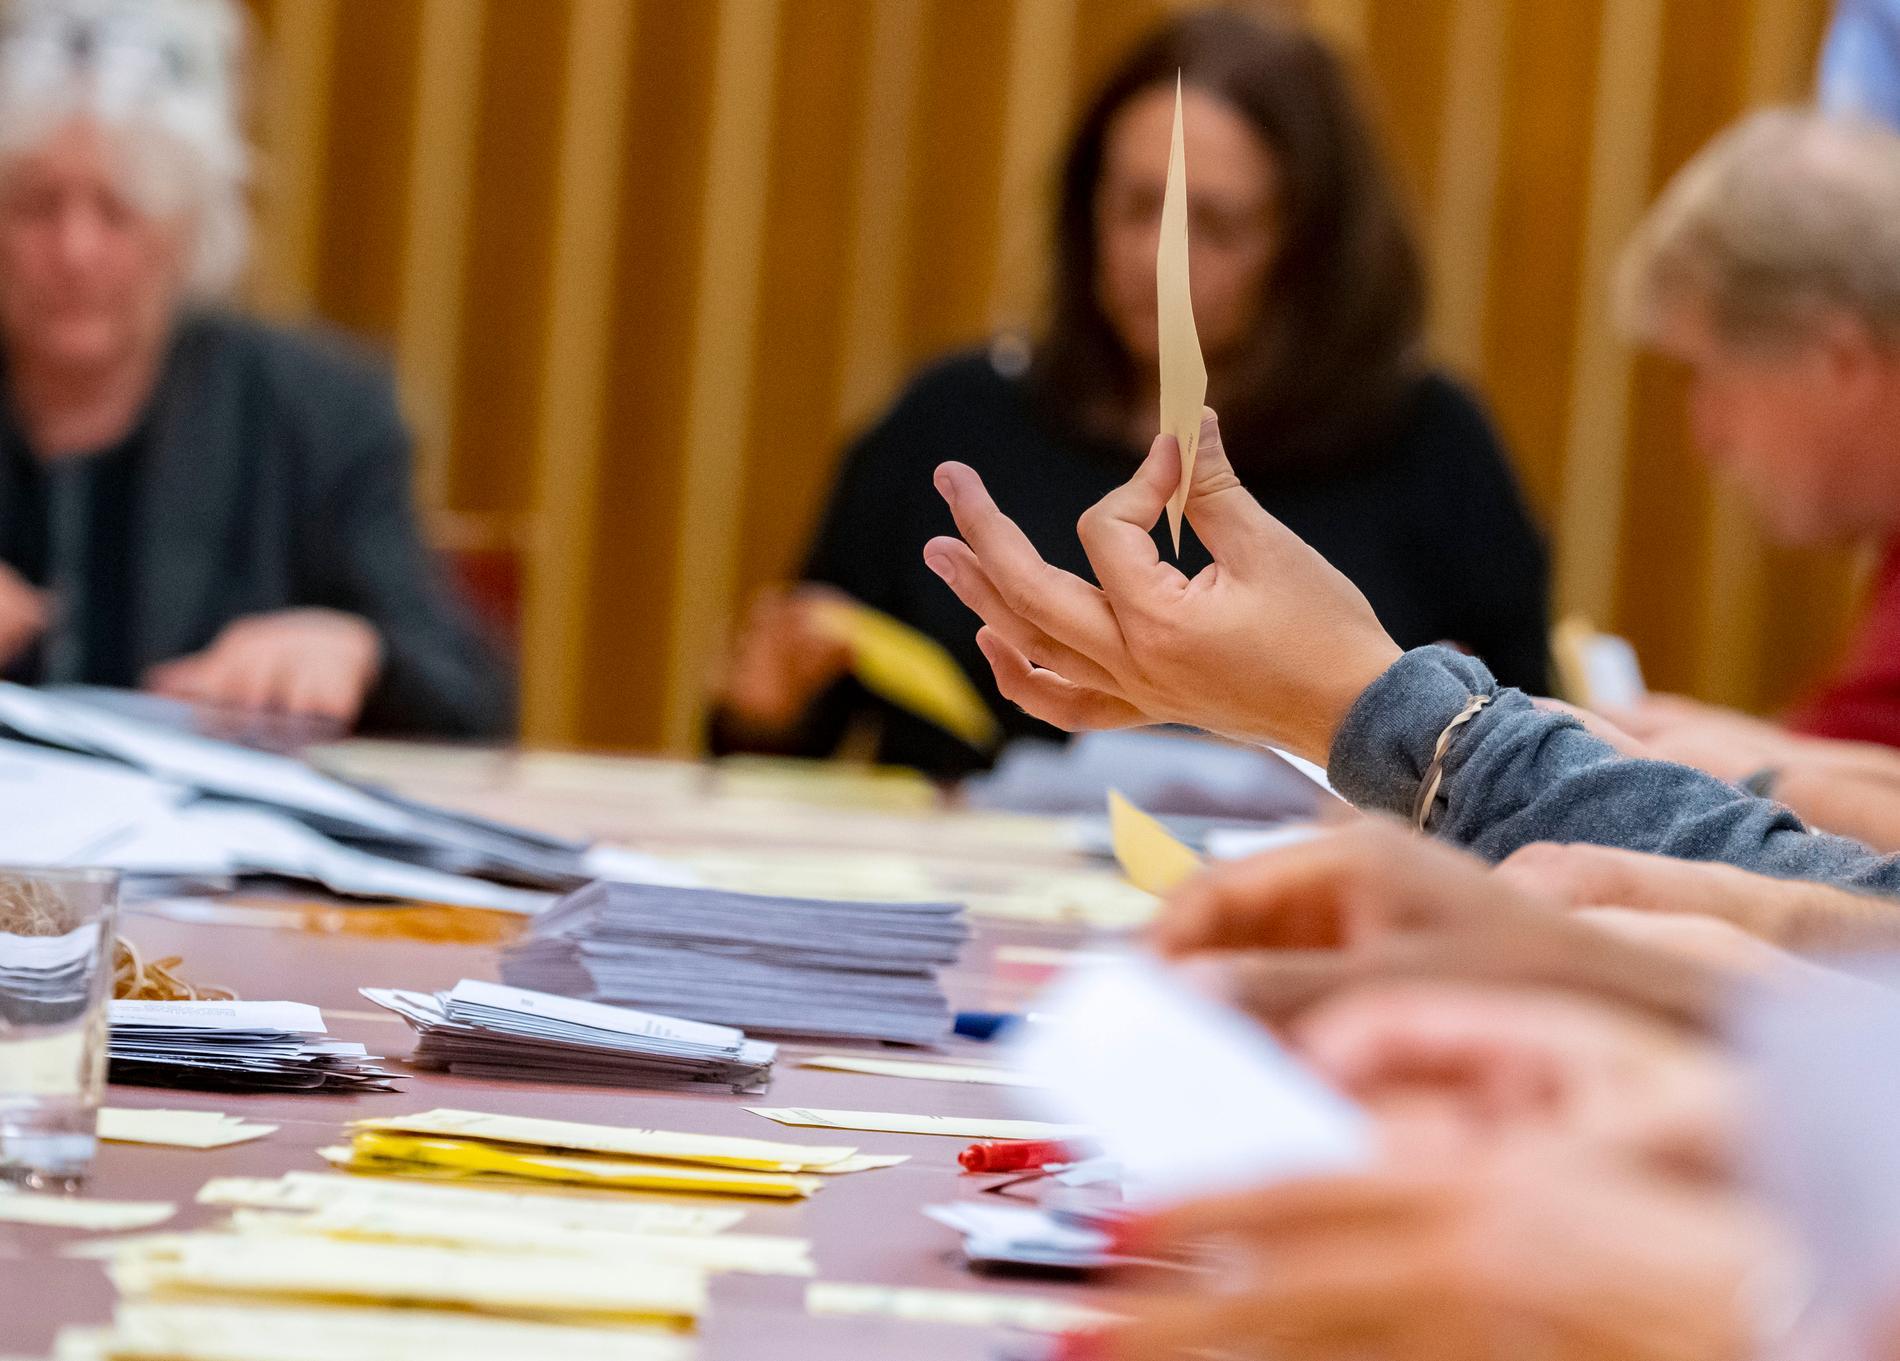 Sverige bör stärka valhemligheten och öka transparensen i kampanjfinansieringen, menar OSSE. Bilden är tagen i samband med rösträkning efter höstens val.